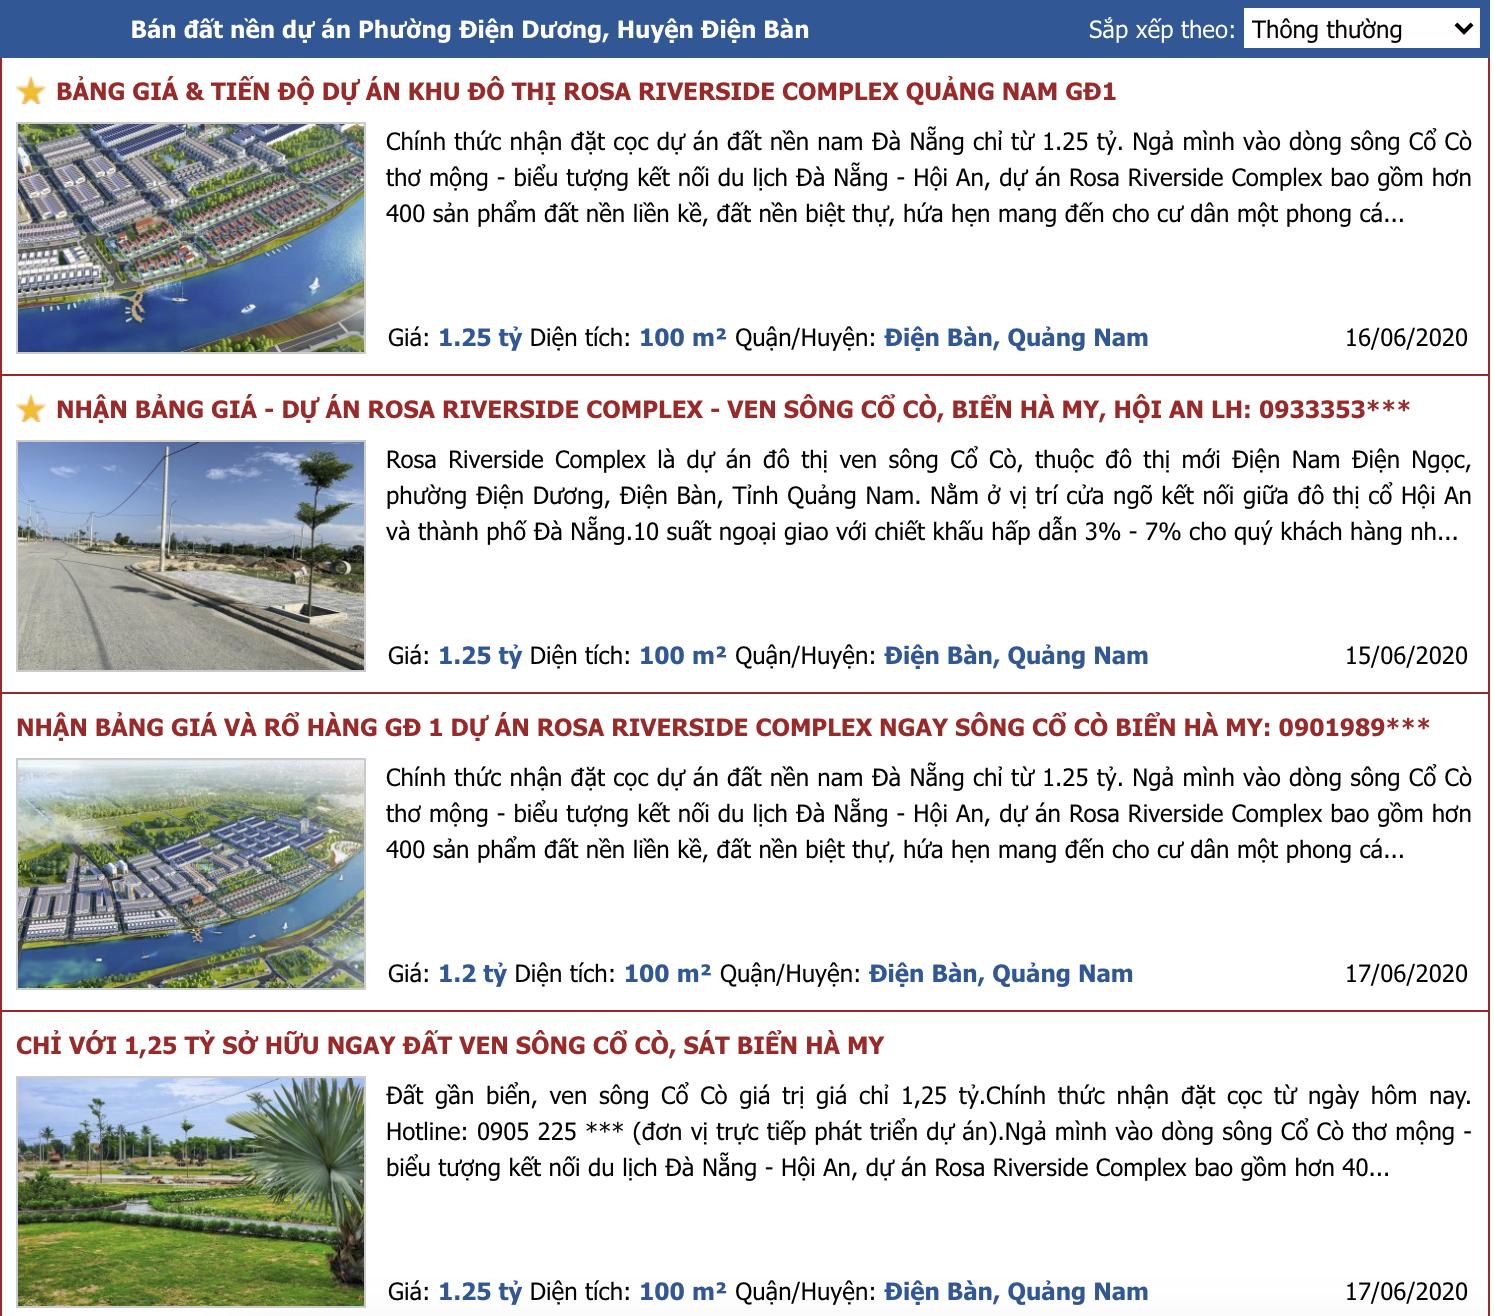 Dự án Rosa River Complex chưa đủ điều kiện đã rao bán đầy trên mạng - Ảnh 1.